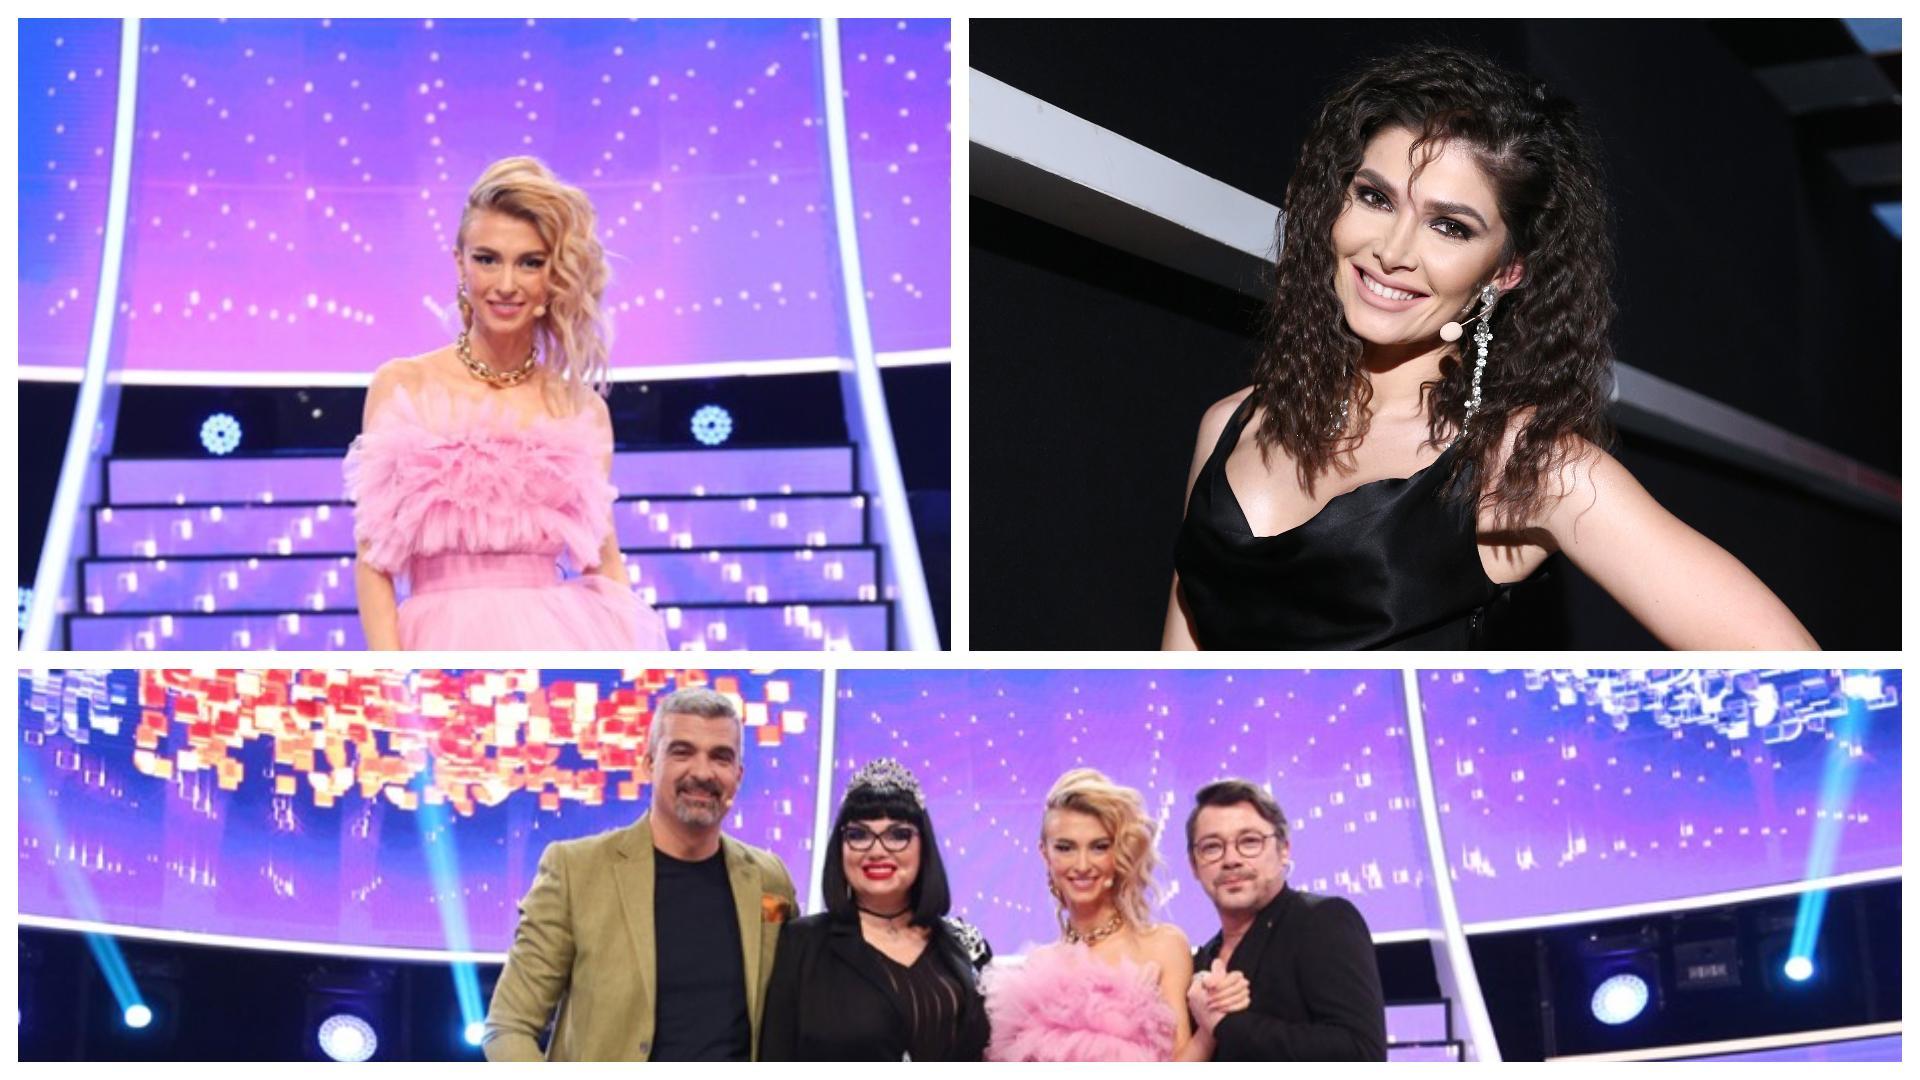 Te cunosc de undeva, 6 martie 2021. Andreea Bălan și Alina Pușcaș, apariții îndrăznețe la Gala Travesti. Pe ce au mizat la ținute